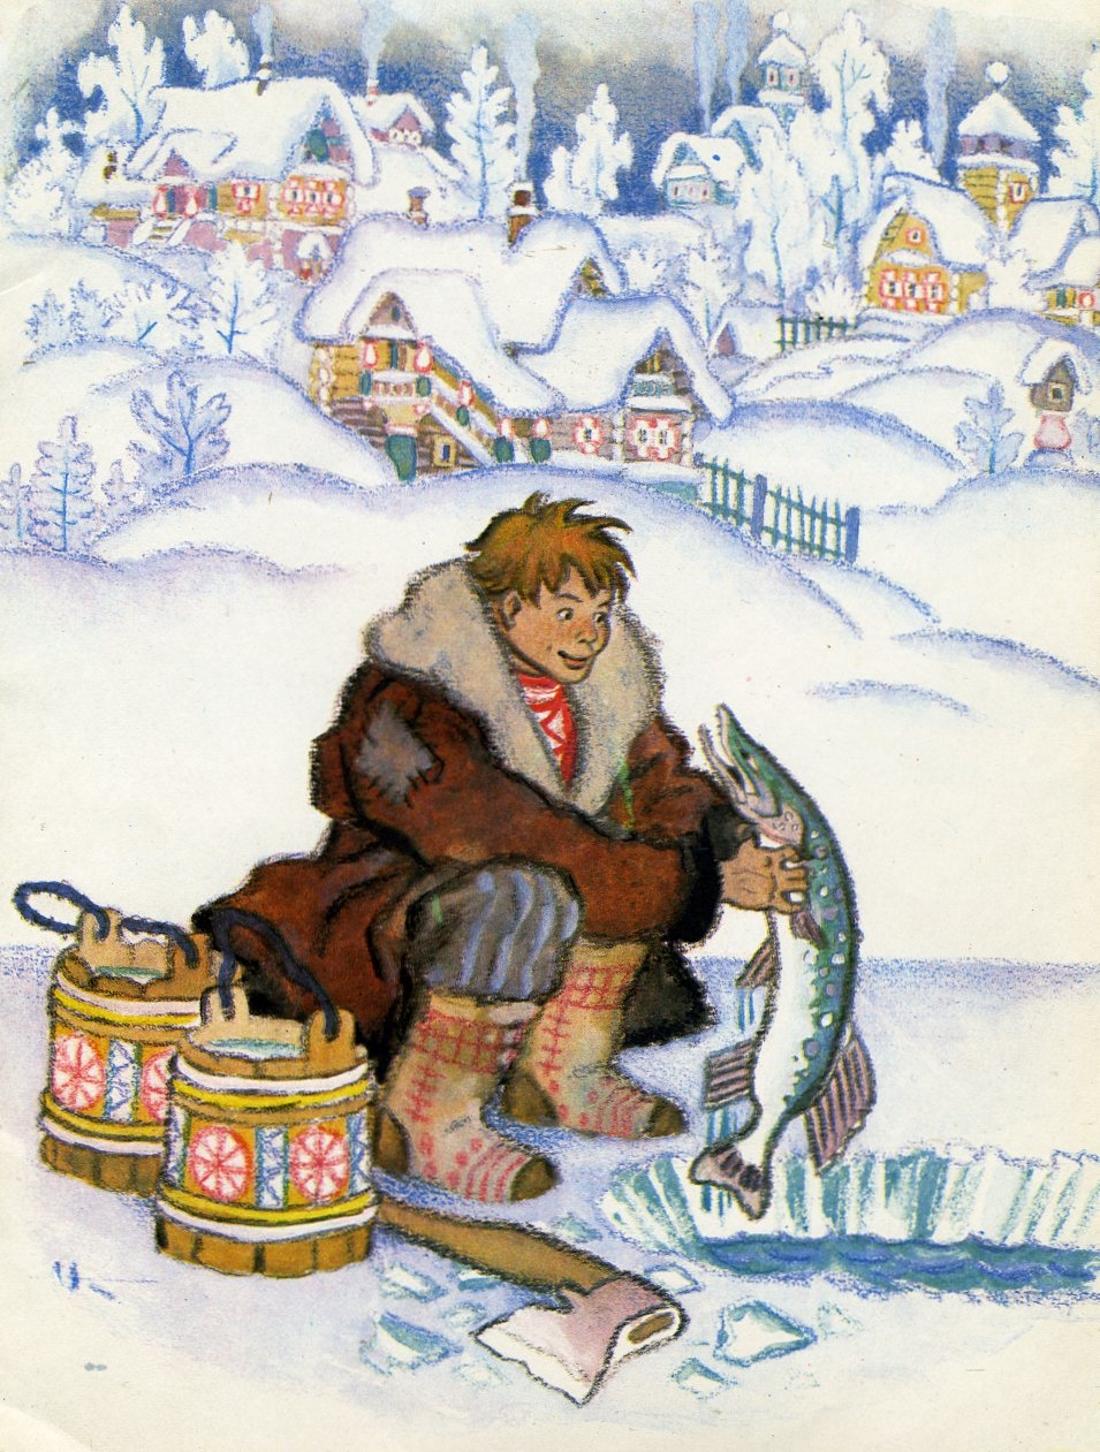 картинки к сказке емеля и щука боярская соблюдает